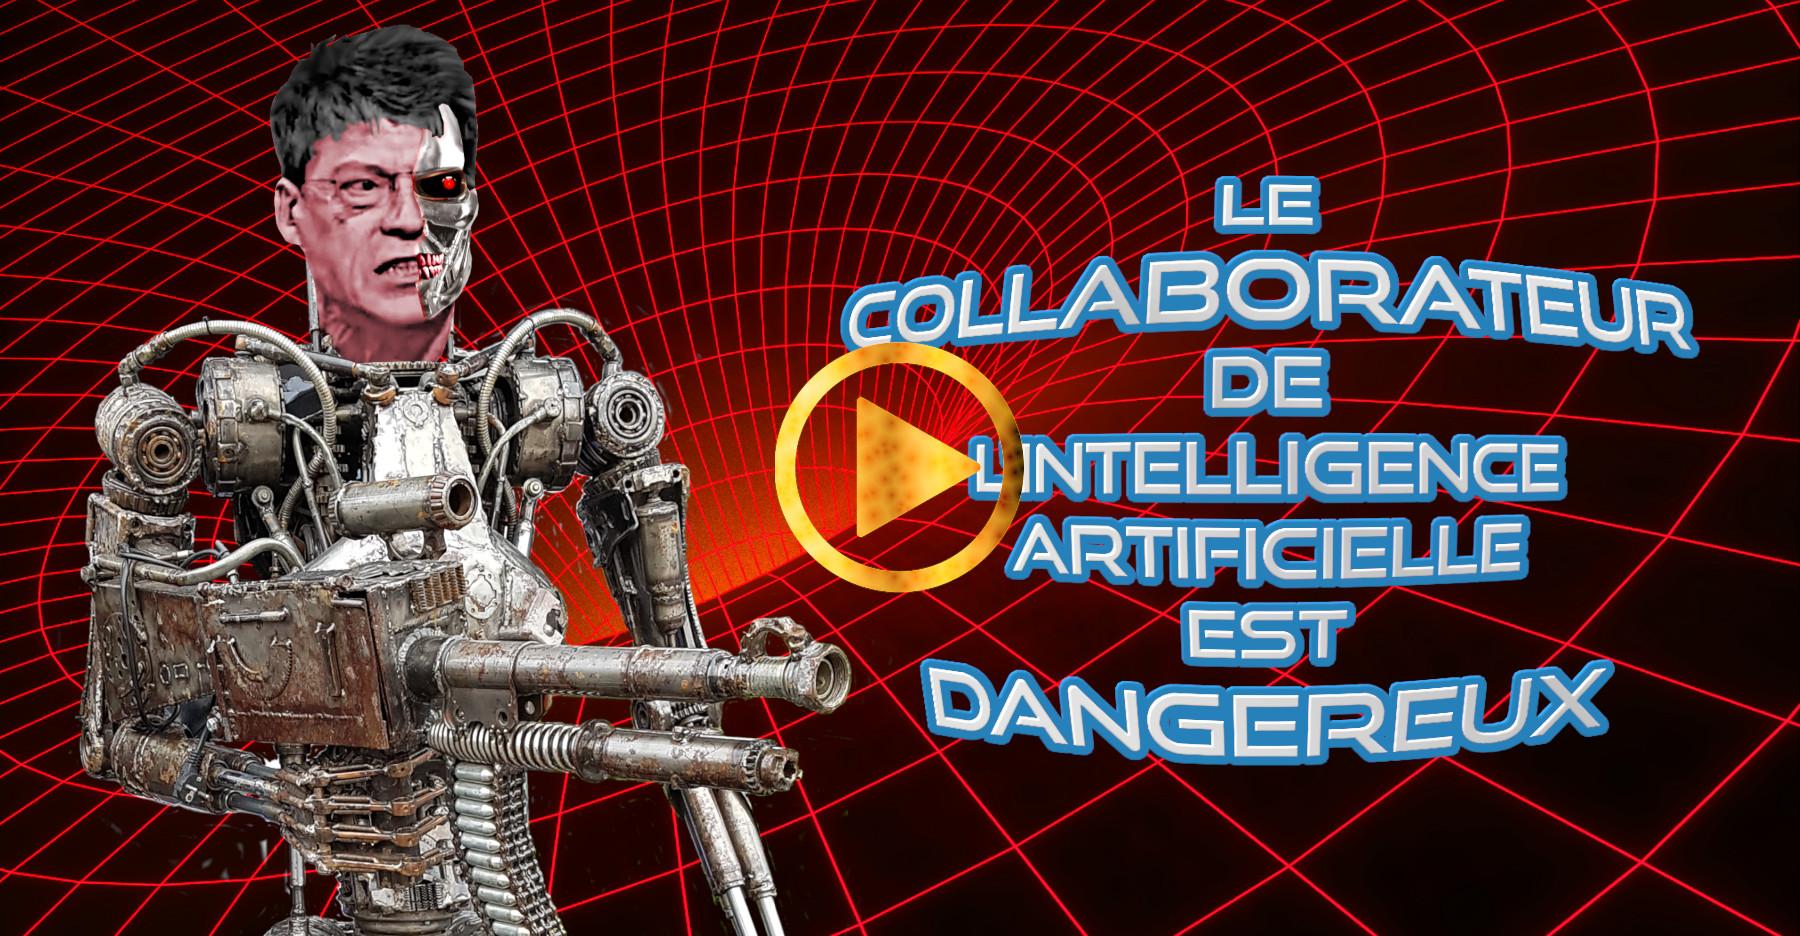 Le collaborateur de l'IA est dangereux.